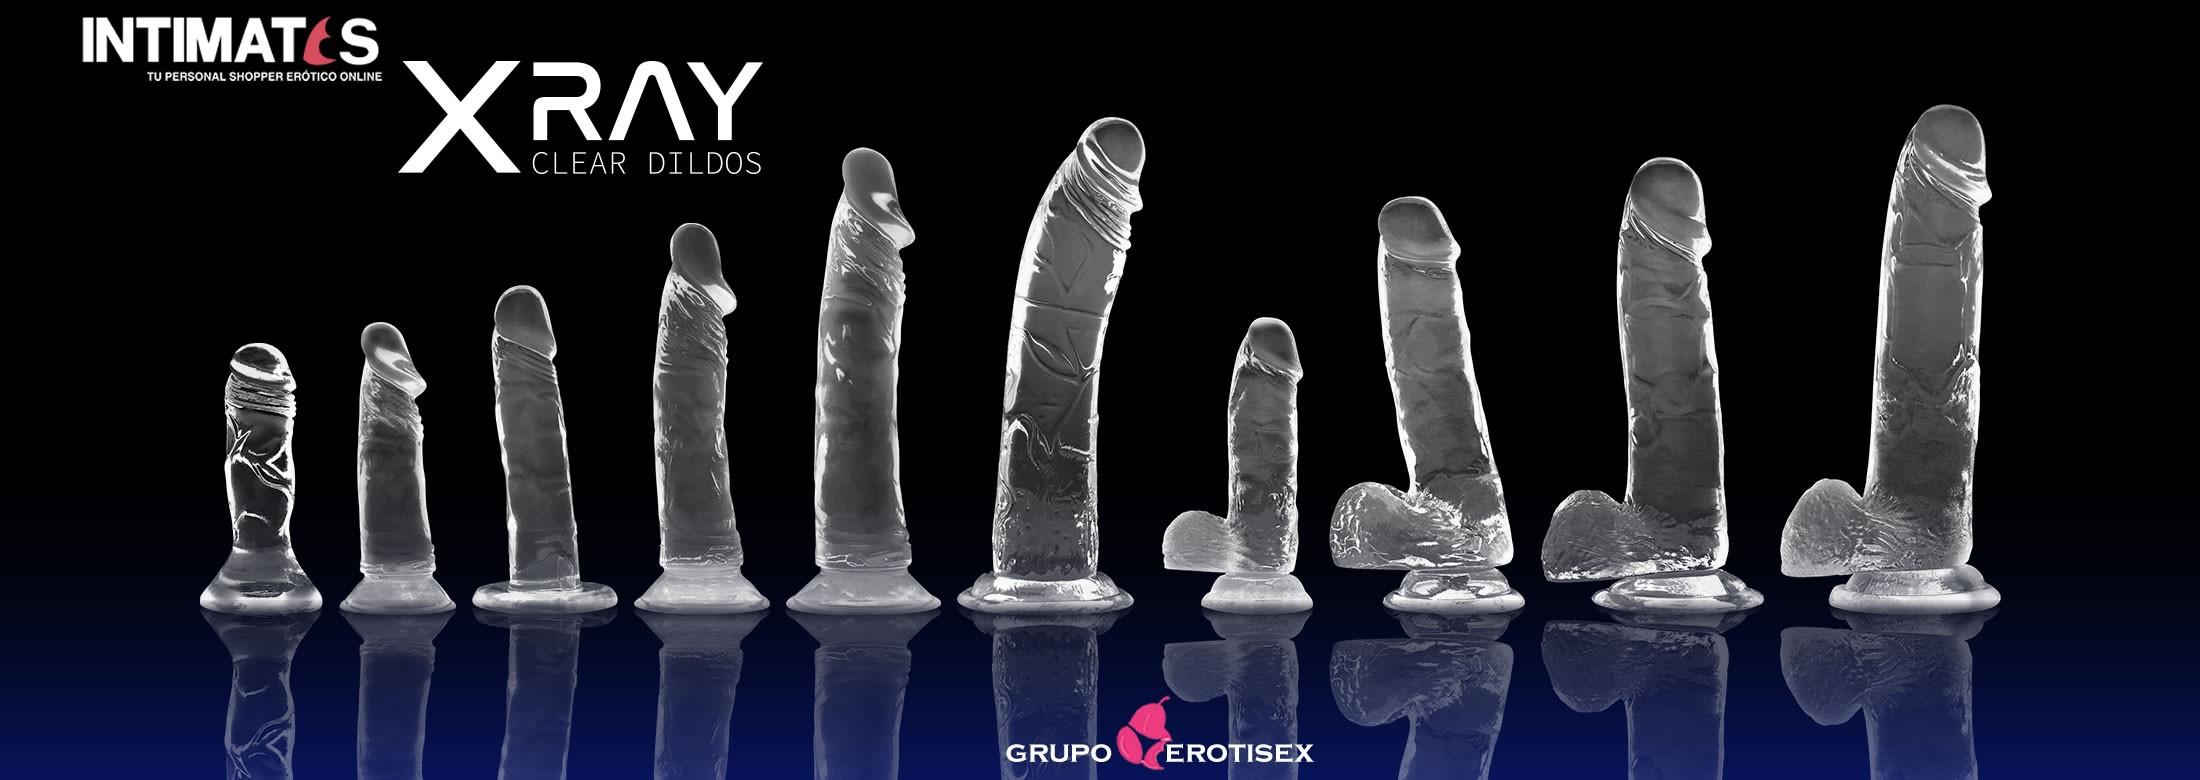 X Ray Clear es una auténtica experiencia de placer que combina una formula especialmente desarrollada que optimiza la sensación suave y sedosa con la firmeza de un dildo realístico completamente transparente.